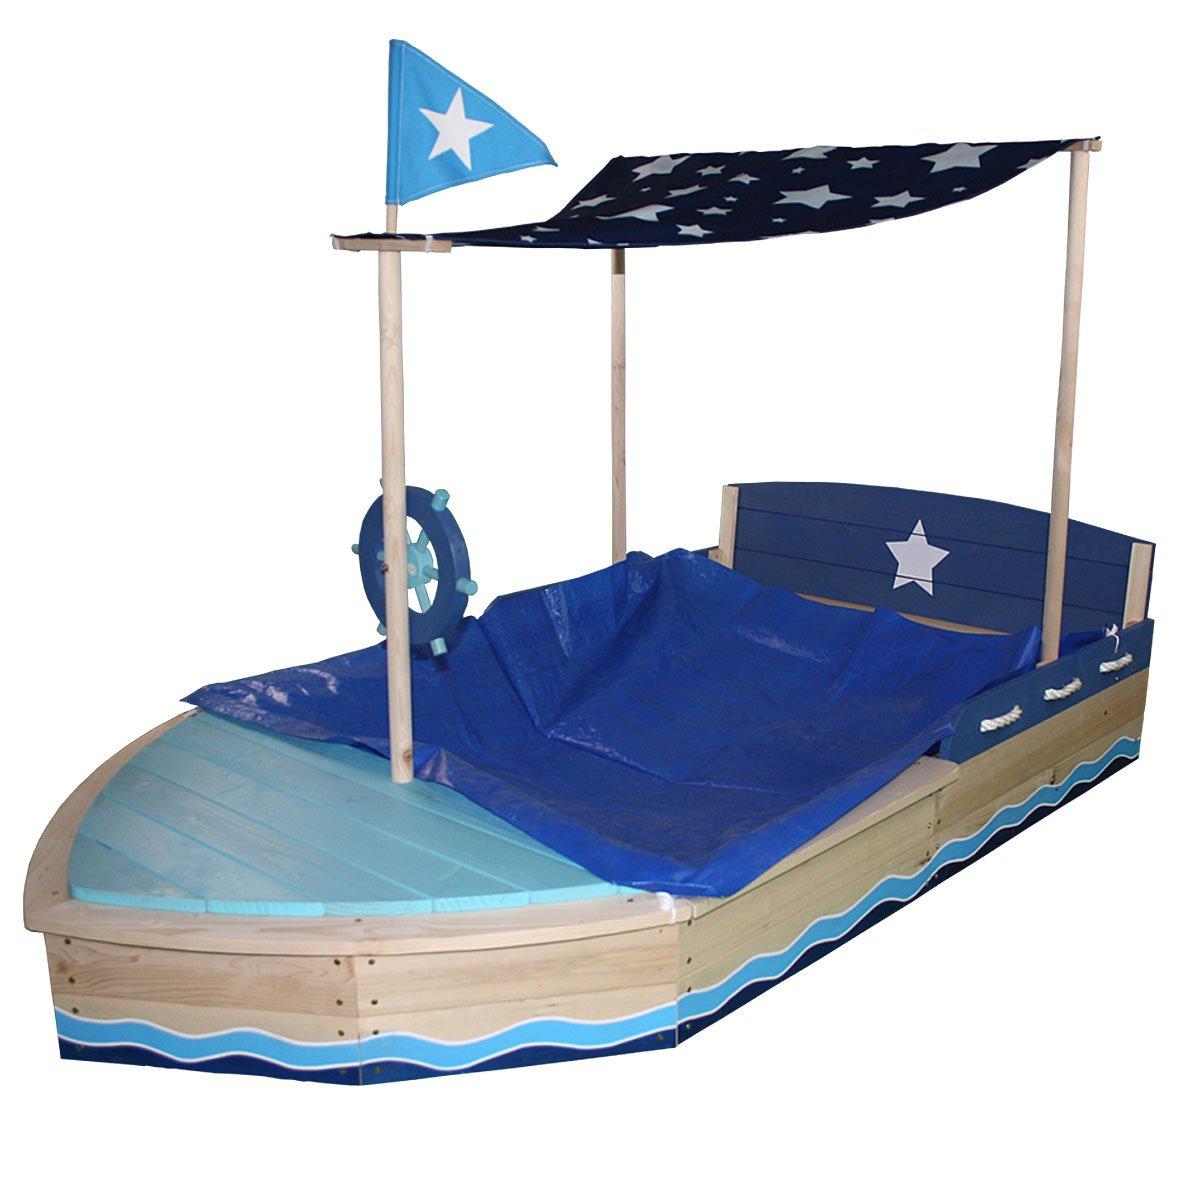 Sun Sandkasten Sternen-Schiff aus Holz: Amazon.de: Spielzeug